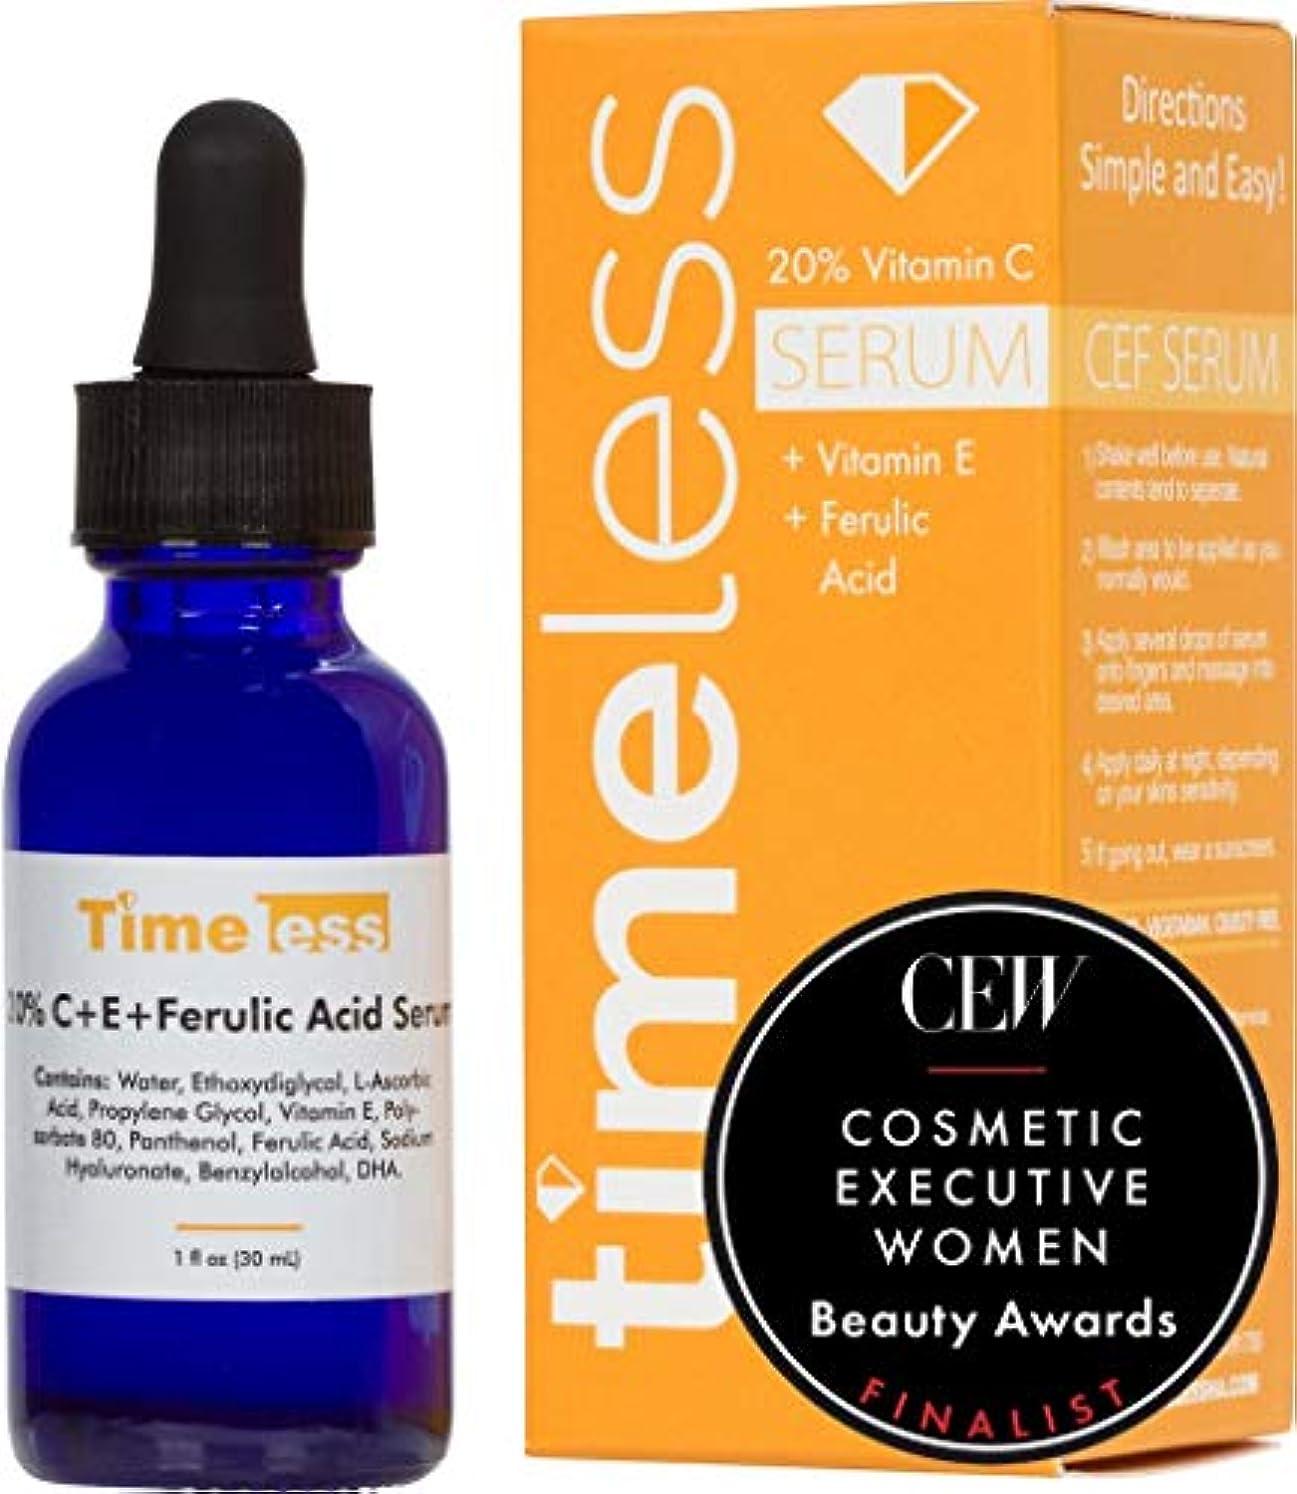 塗抹乱闘移行Timeless Skin Care 20% Vitamin C + E Ferulic Acid Serum 30ml /1oz - Sealed & Fresh Guaranteed! Dispatch from the UK